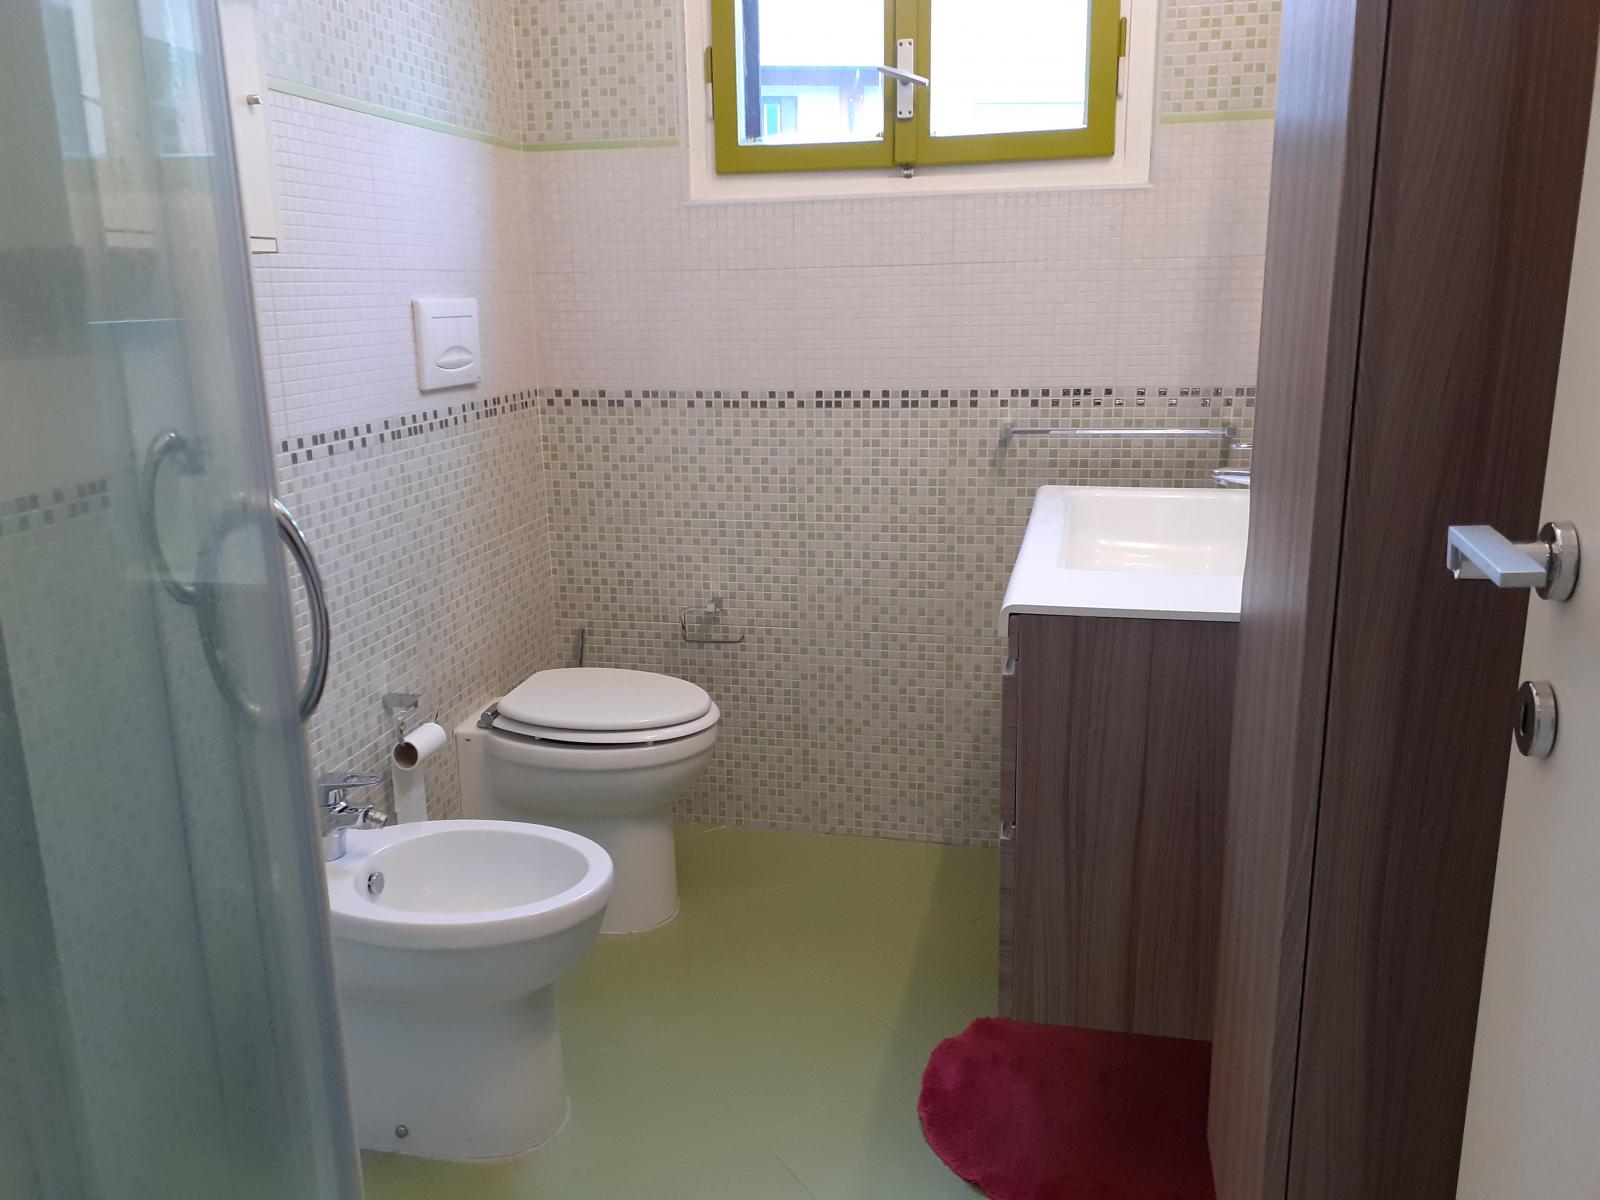 appartamento-in-vendita-milano-baggio-2-locali-open-space-spaziourbano-immobiliare-vende-2